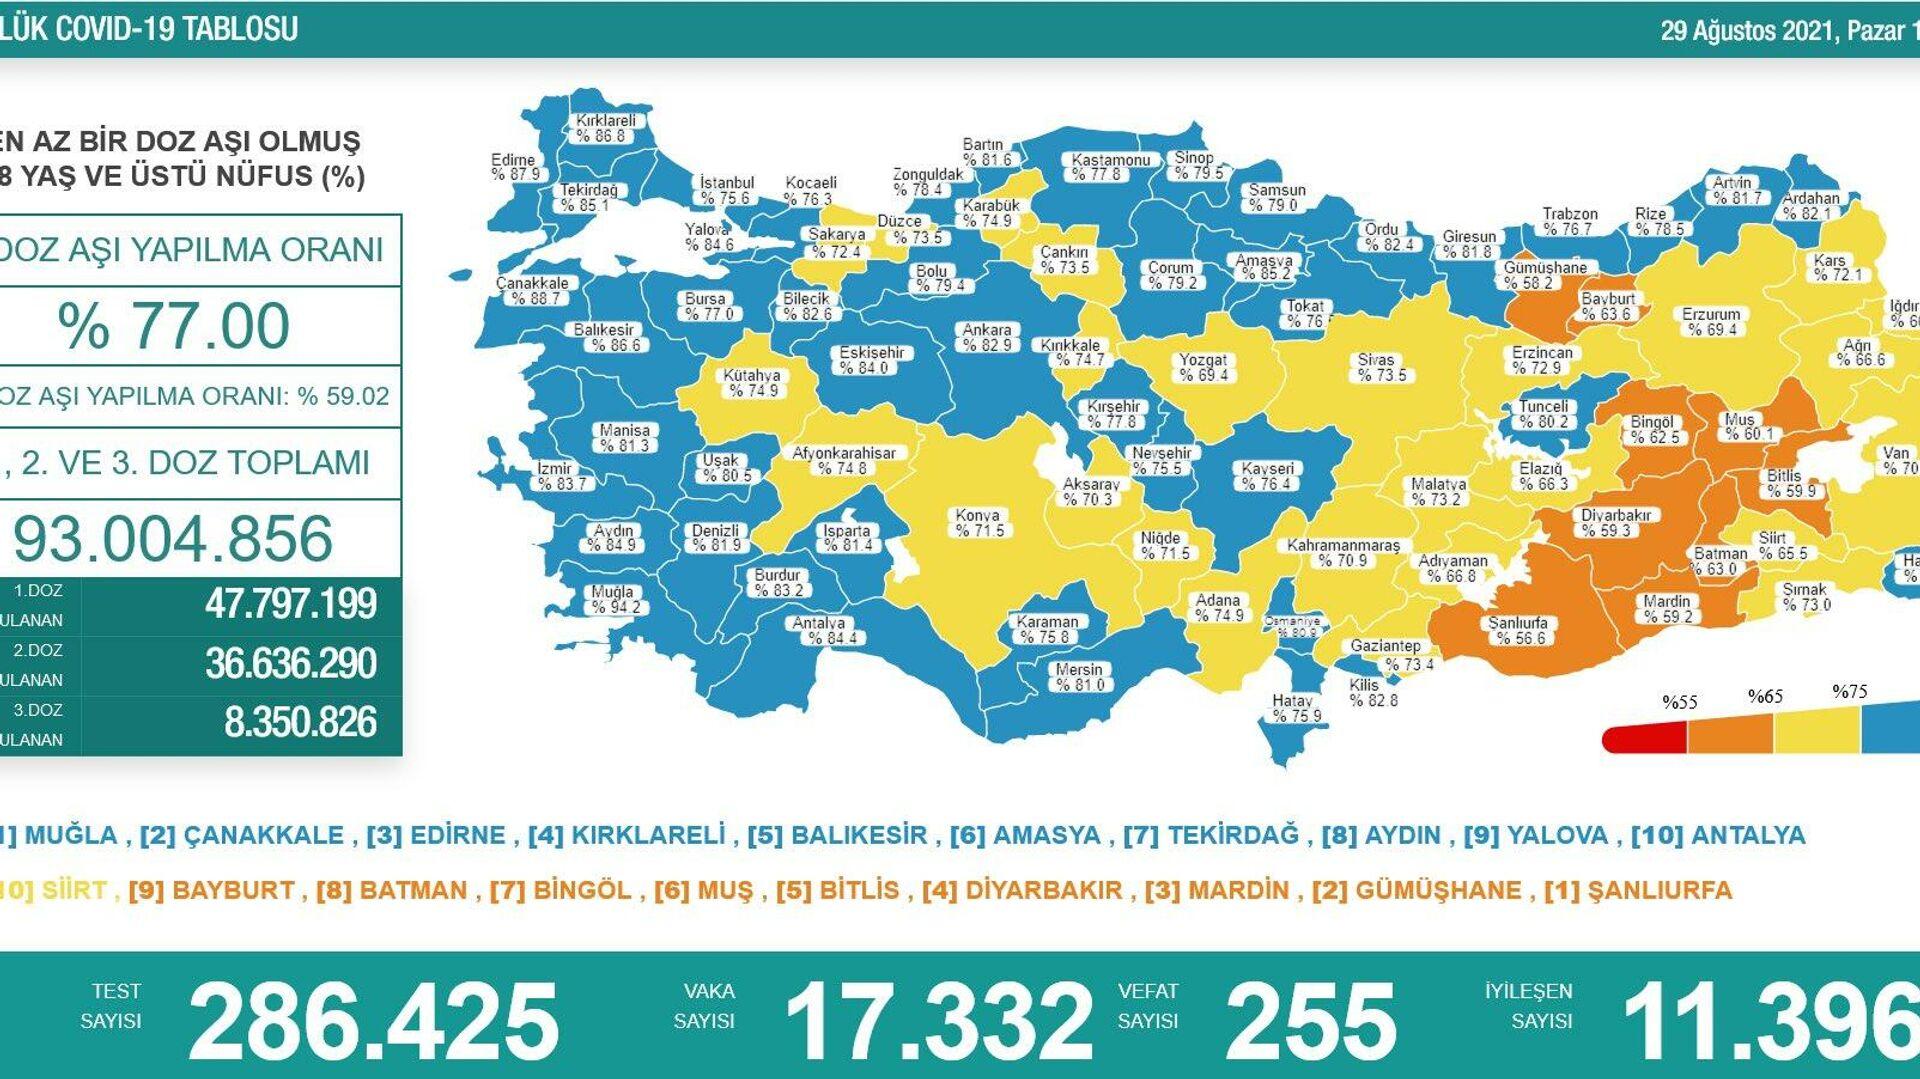 Türkiye'de son 24 saatte 17 bin 332 kişinin koronavirüs testi pozitif çıktı  - Sputnik Türkiye, 1920, 29.08.2021